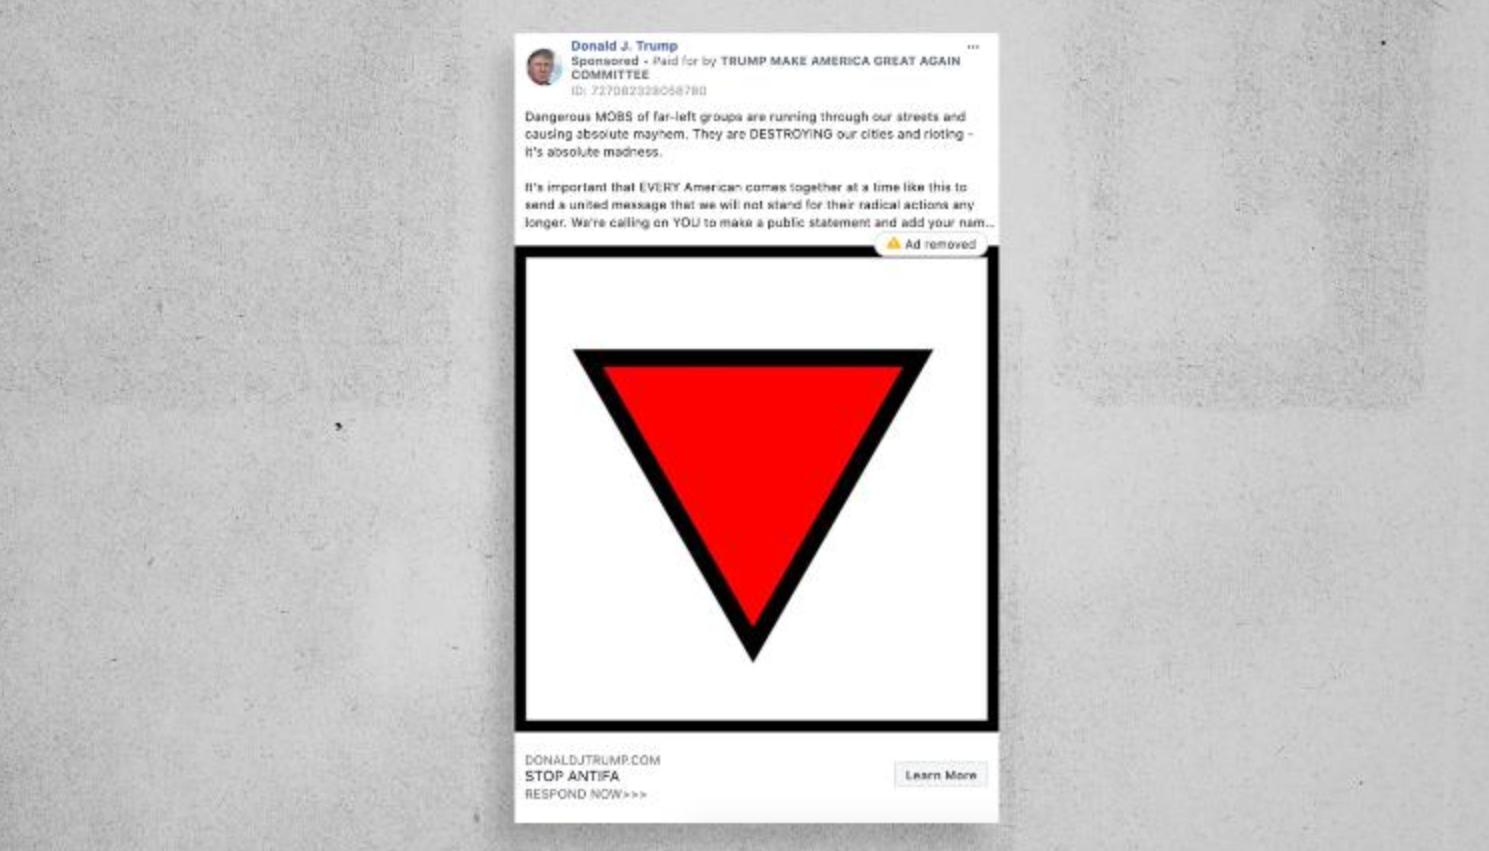 【12306ng】_脸书删除特朗普竞选团队广告:使用纳粹符号